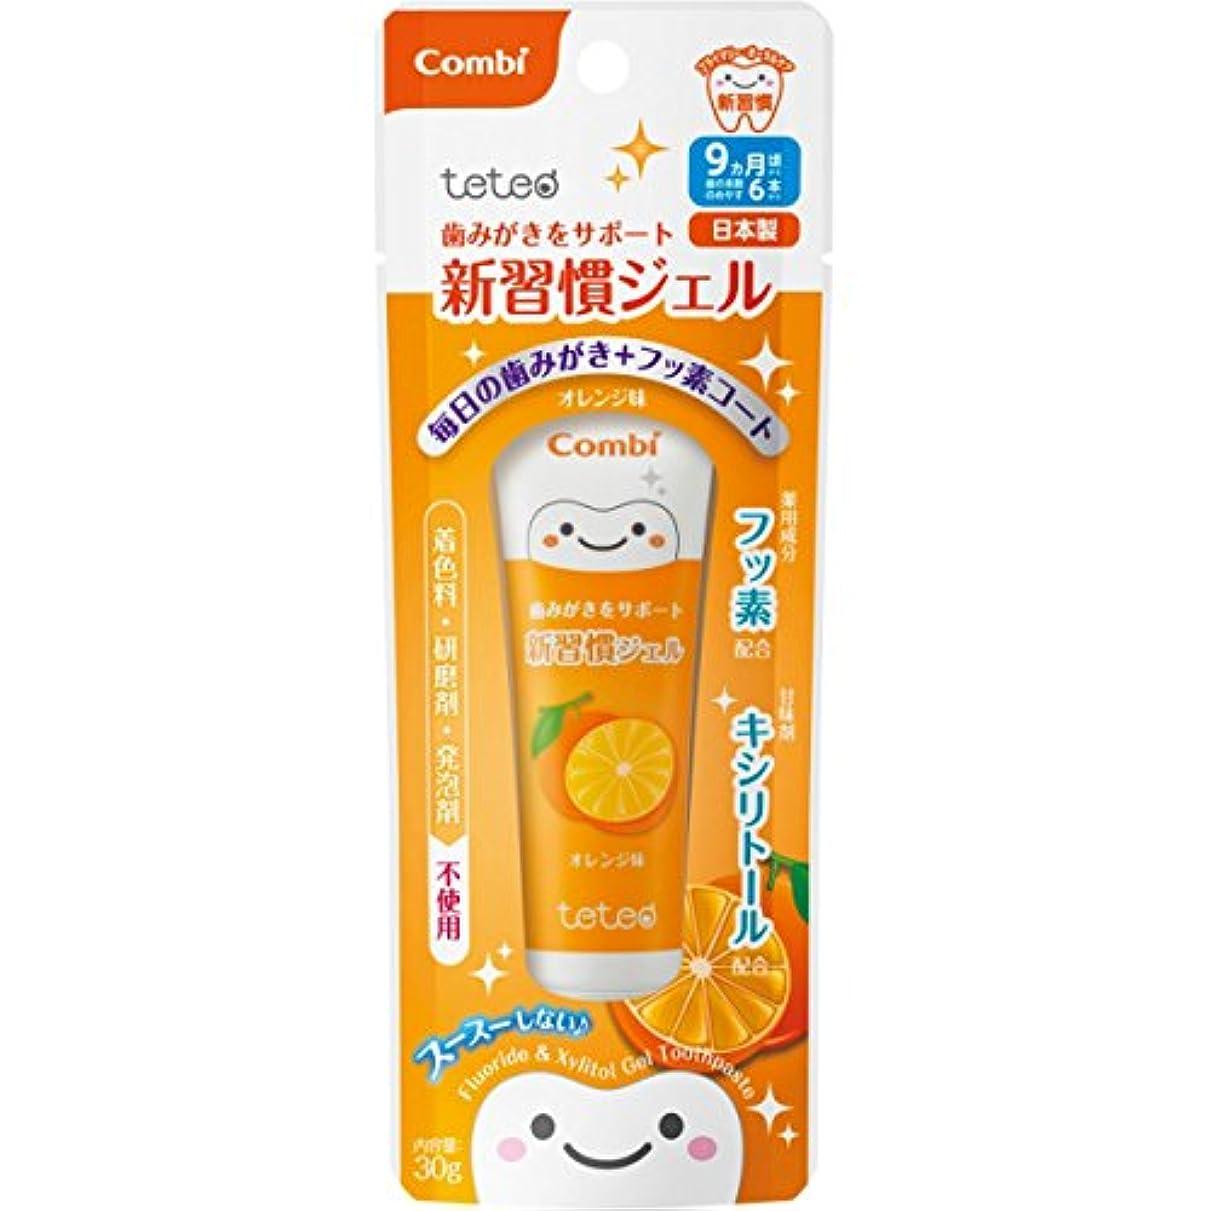 酸化物護衛操作可能【テテオ】歯みがきサポート 新習慣ジェル オレンジ味 30g×3個